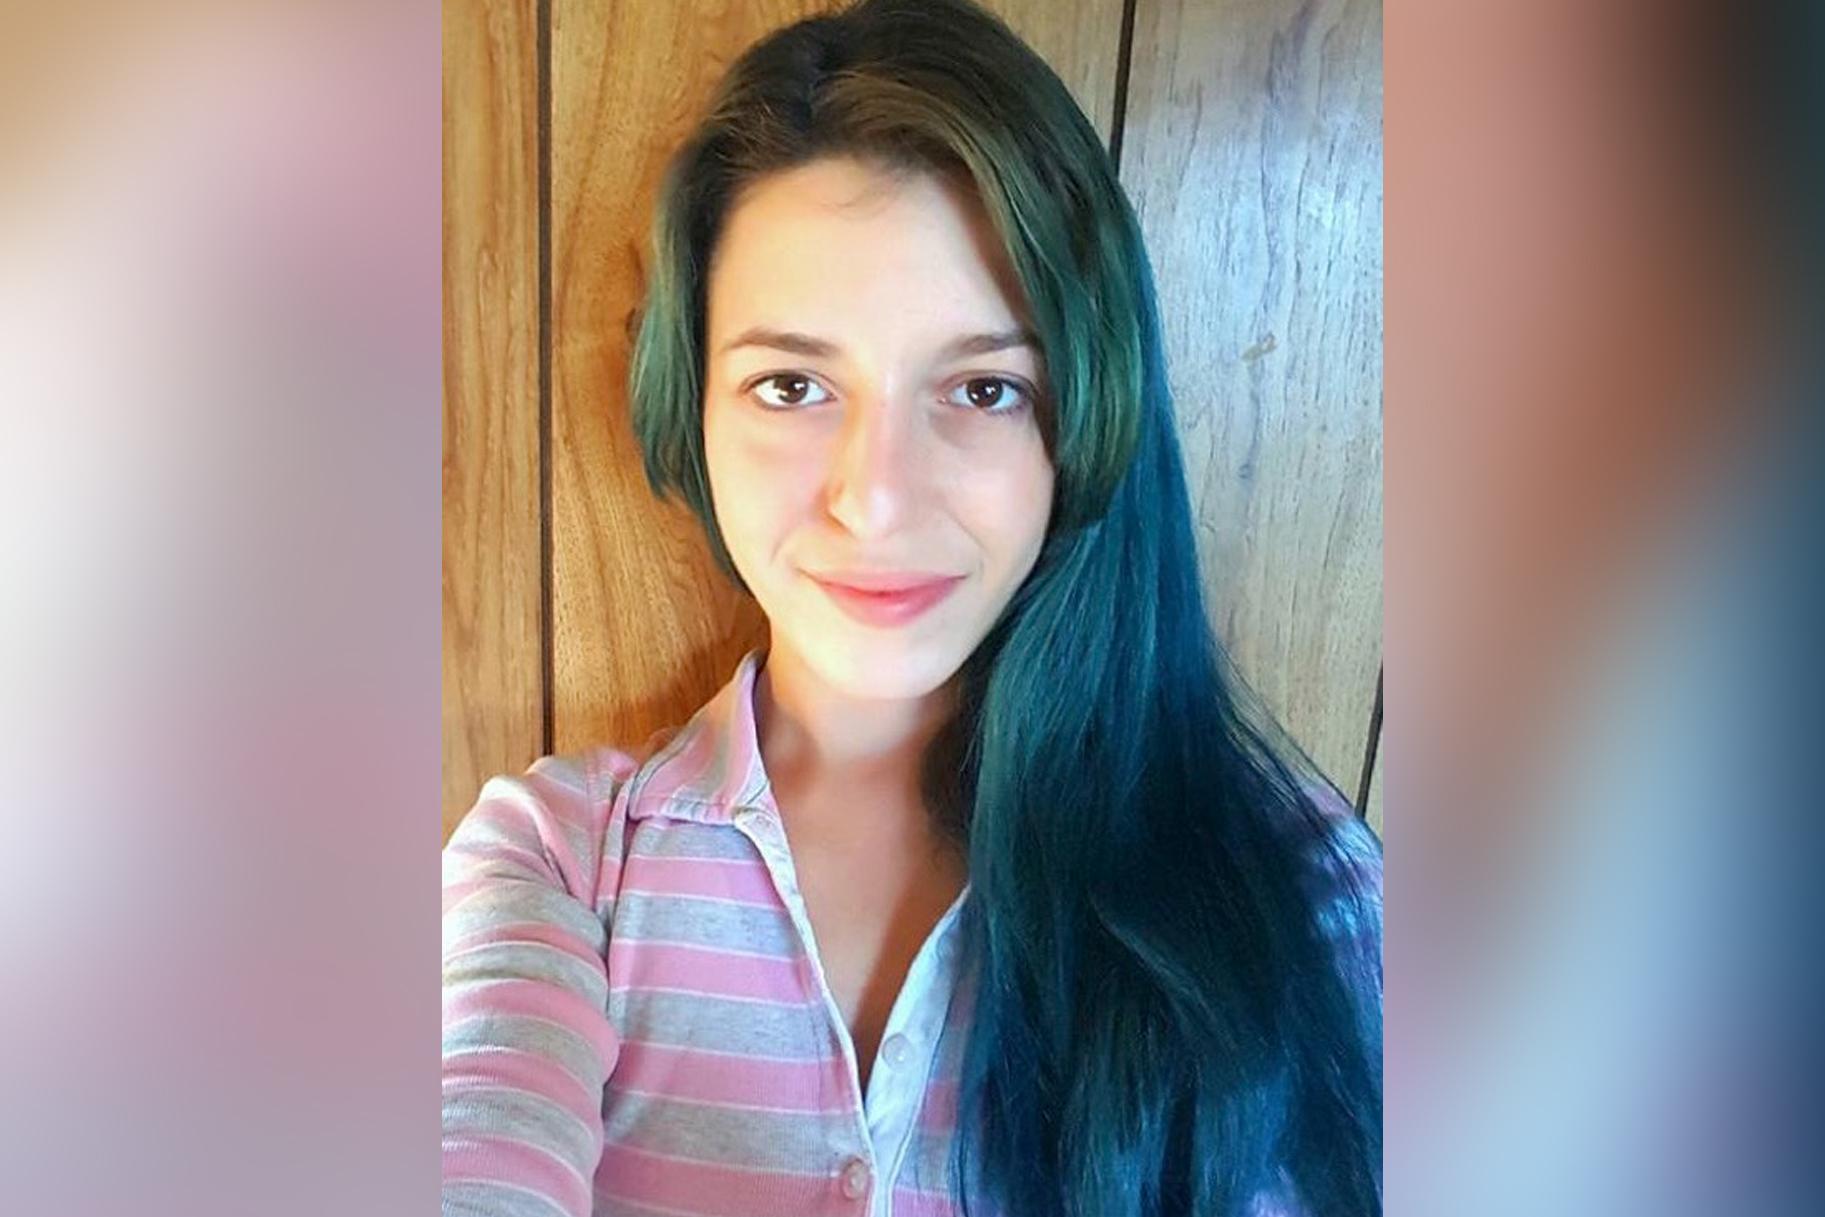 'Fue como una pesadilla': una pareja de Ohio encontró el cuerpo desmembrado de una mujer en el congelador de un amigo